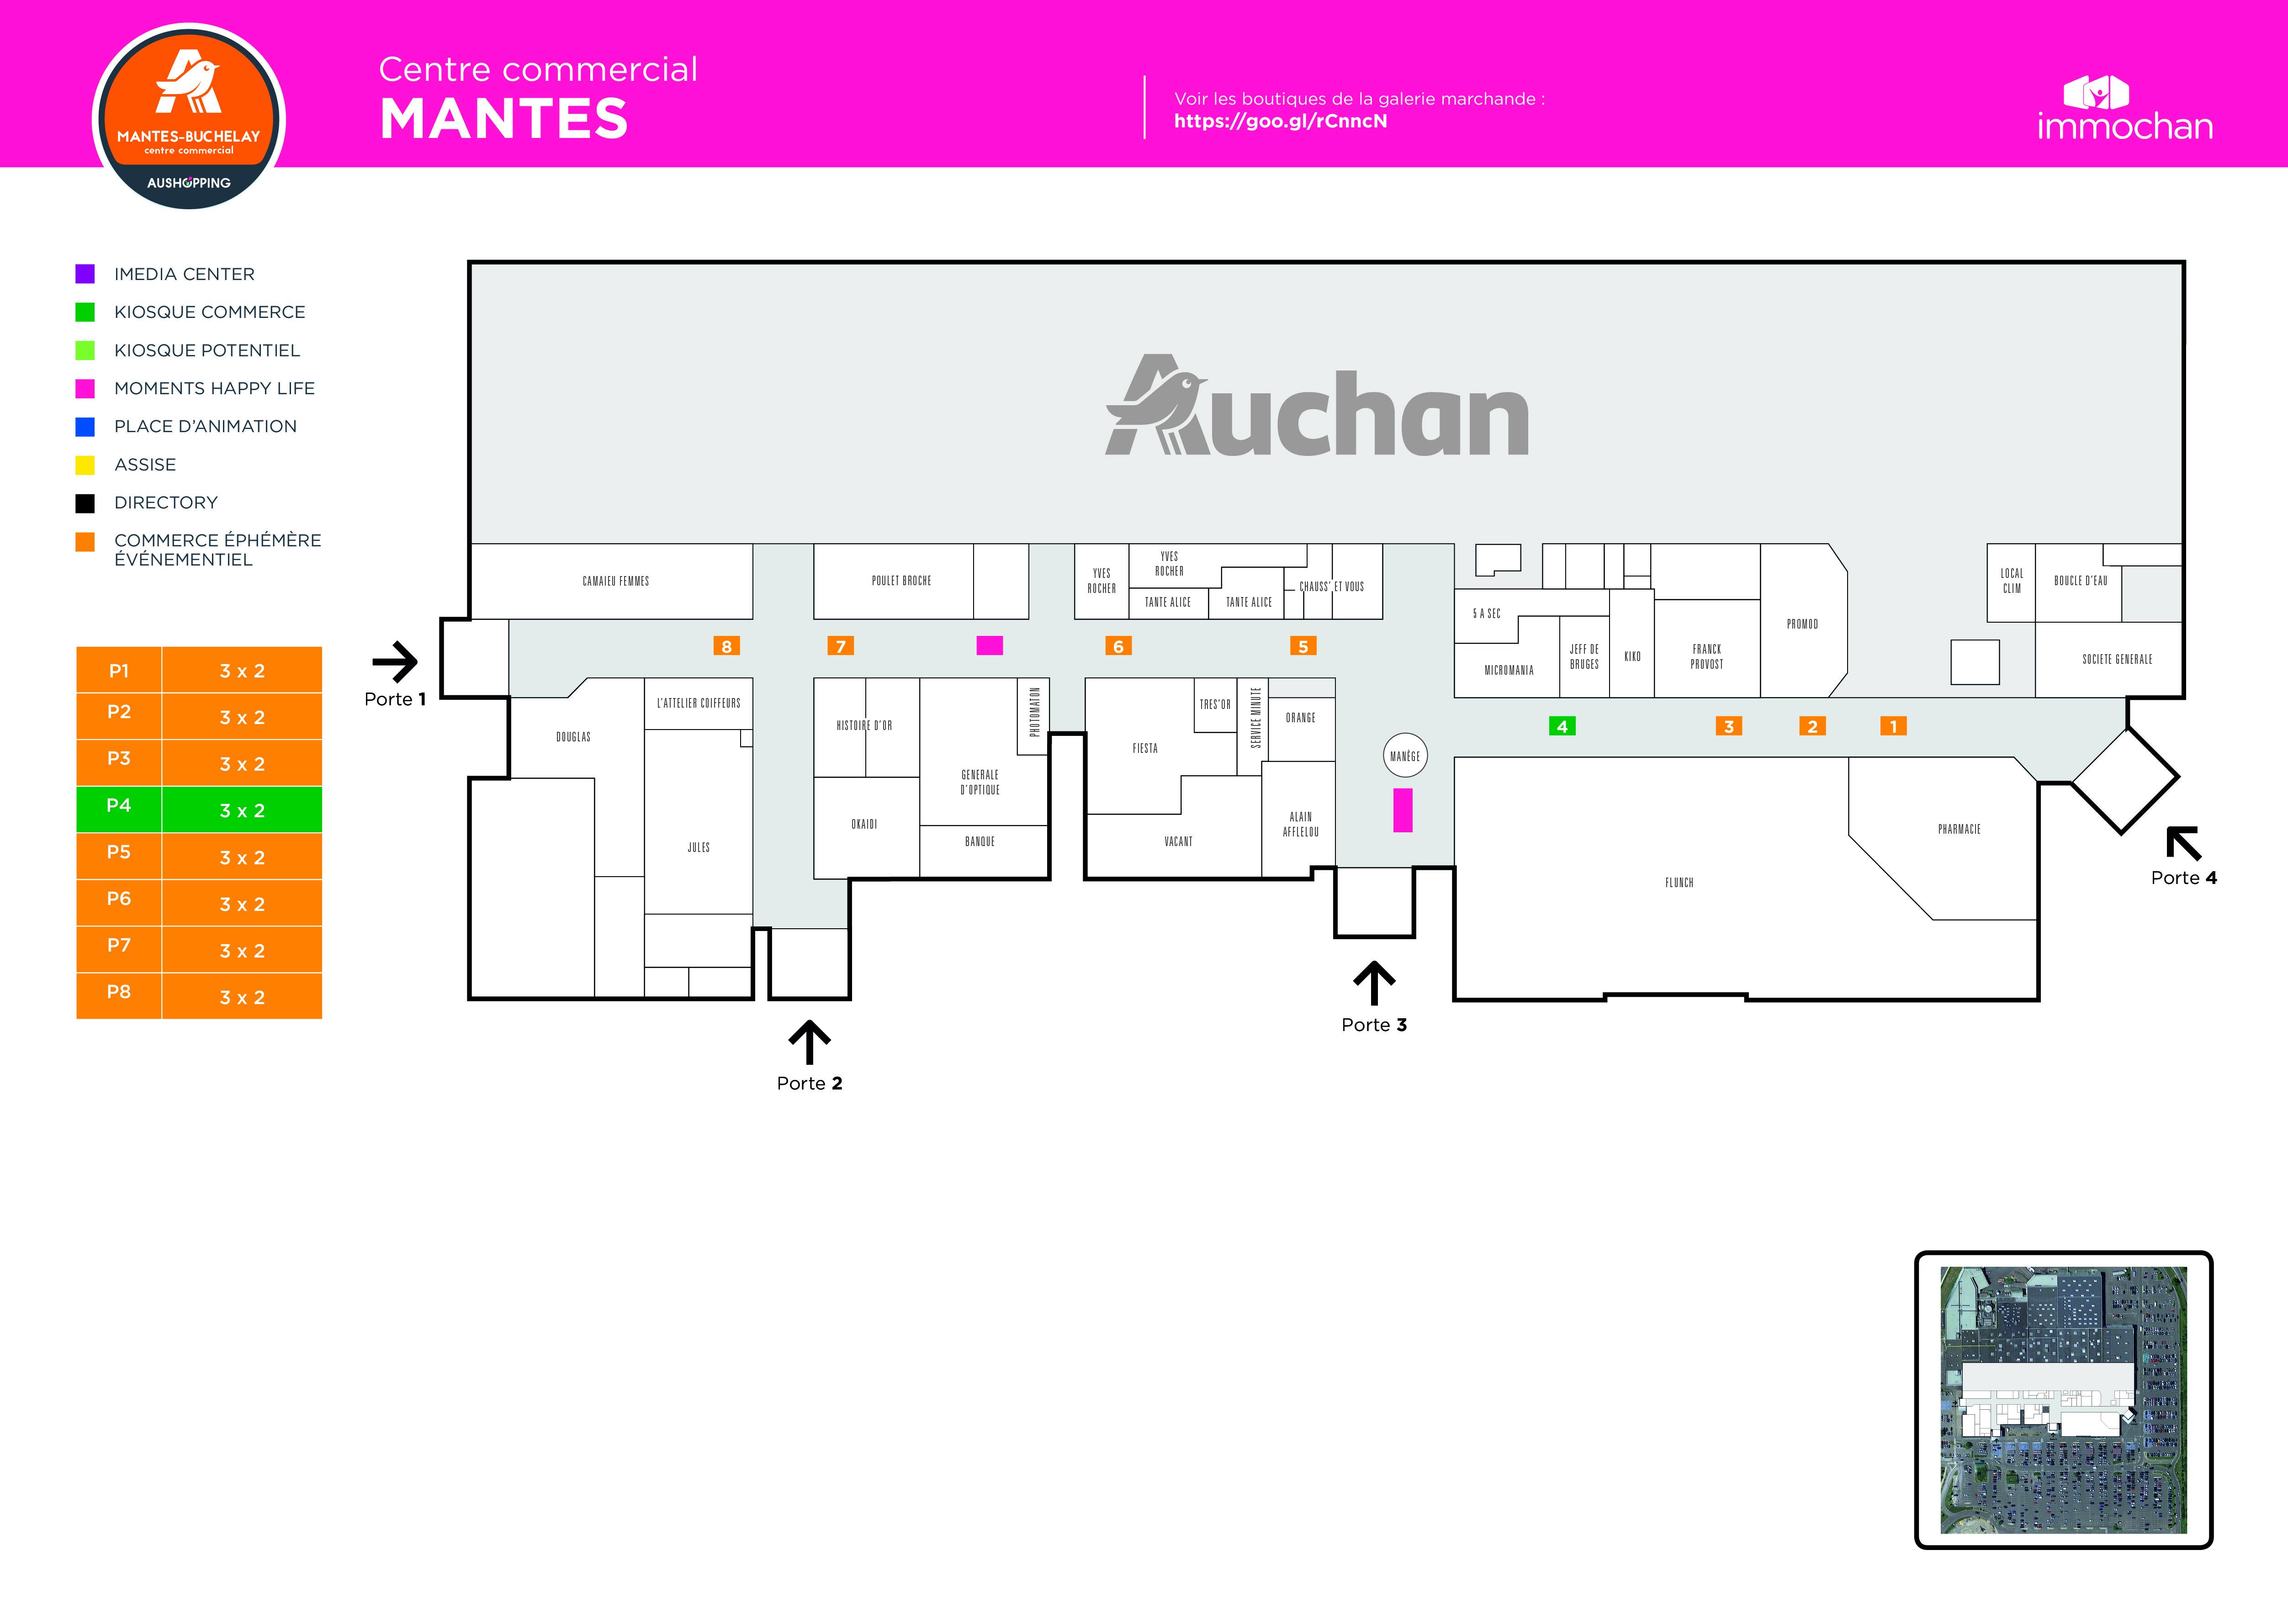 Plan Mantes Auchan